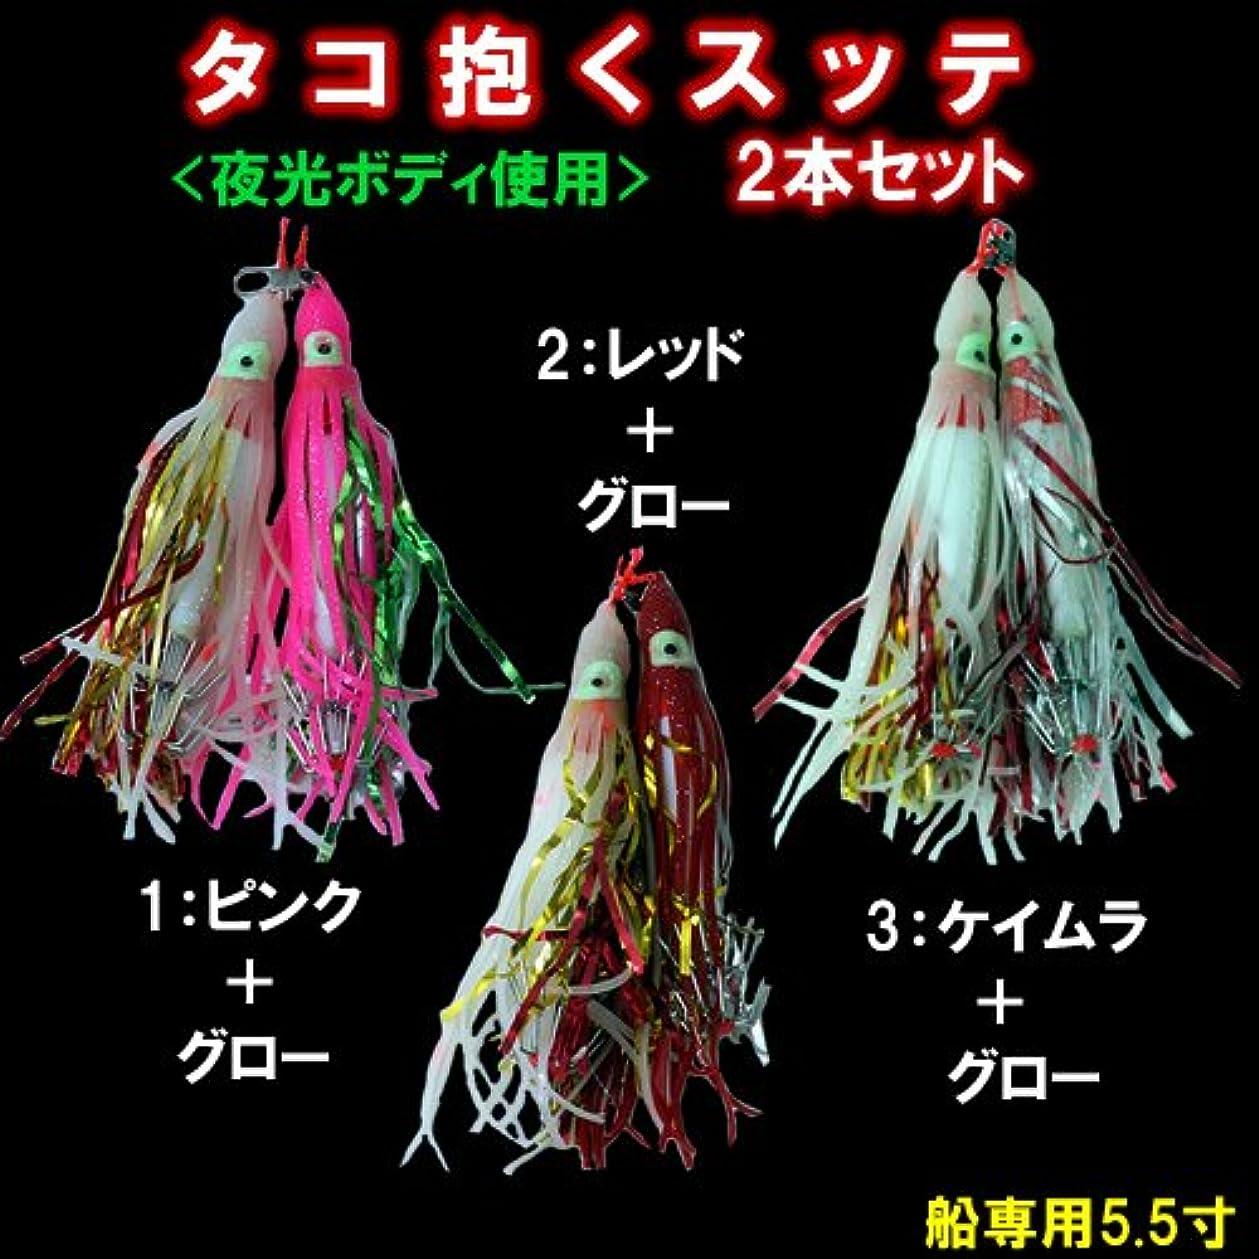 使い込む神秘的な大佐マルシン漁具 タコ抱くスッテ 2本セット 3:ケイムラ+グロー